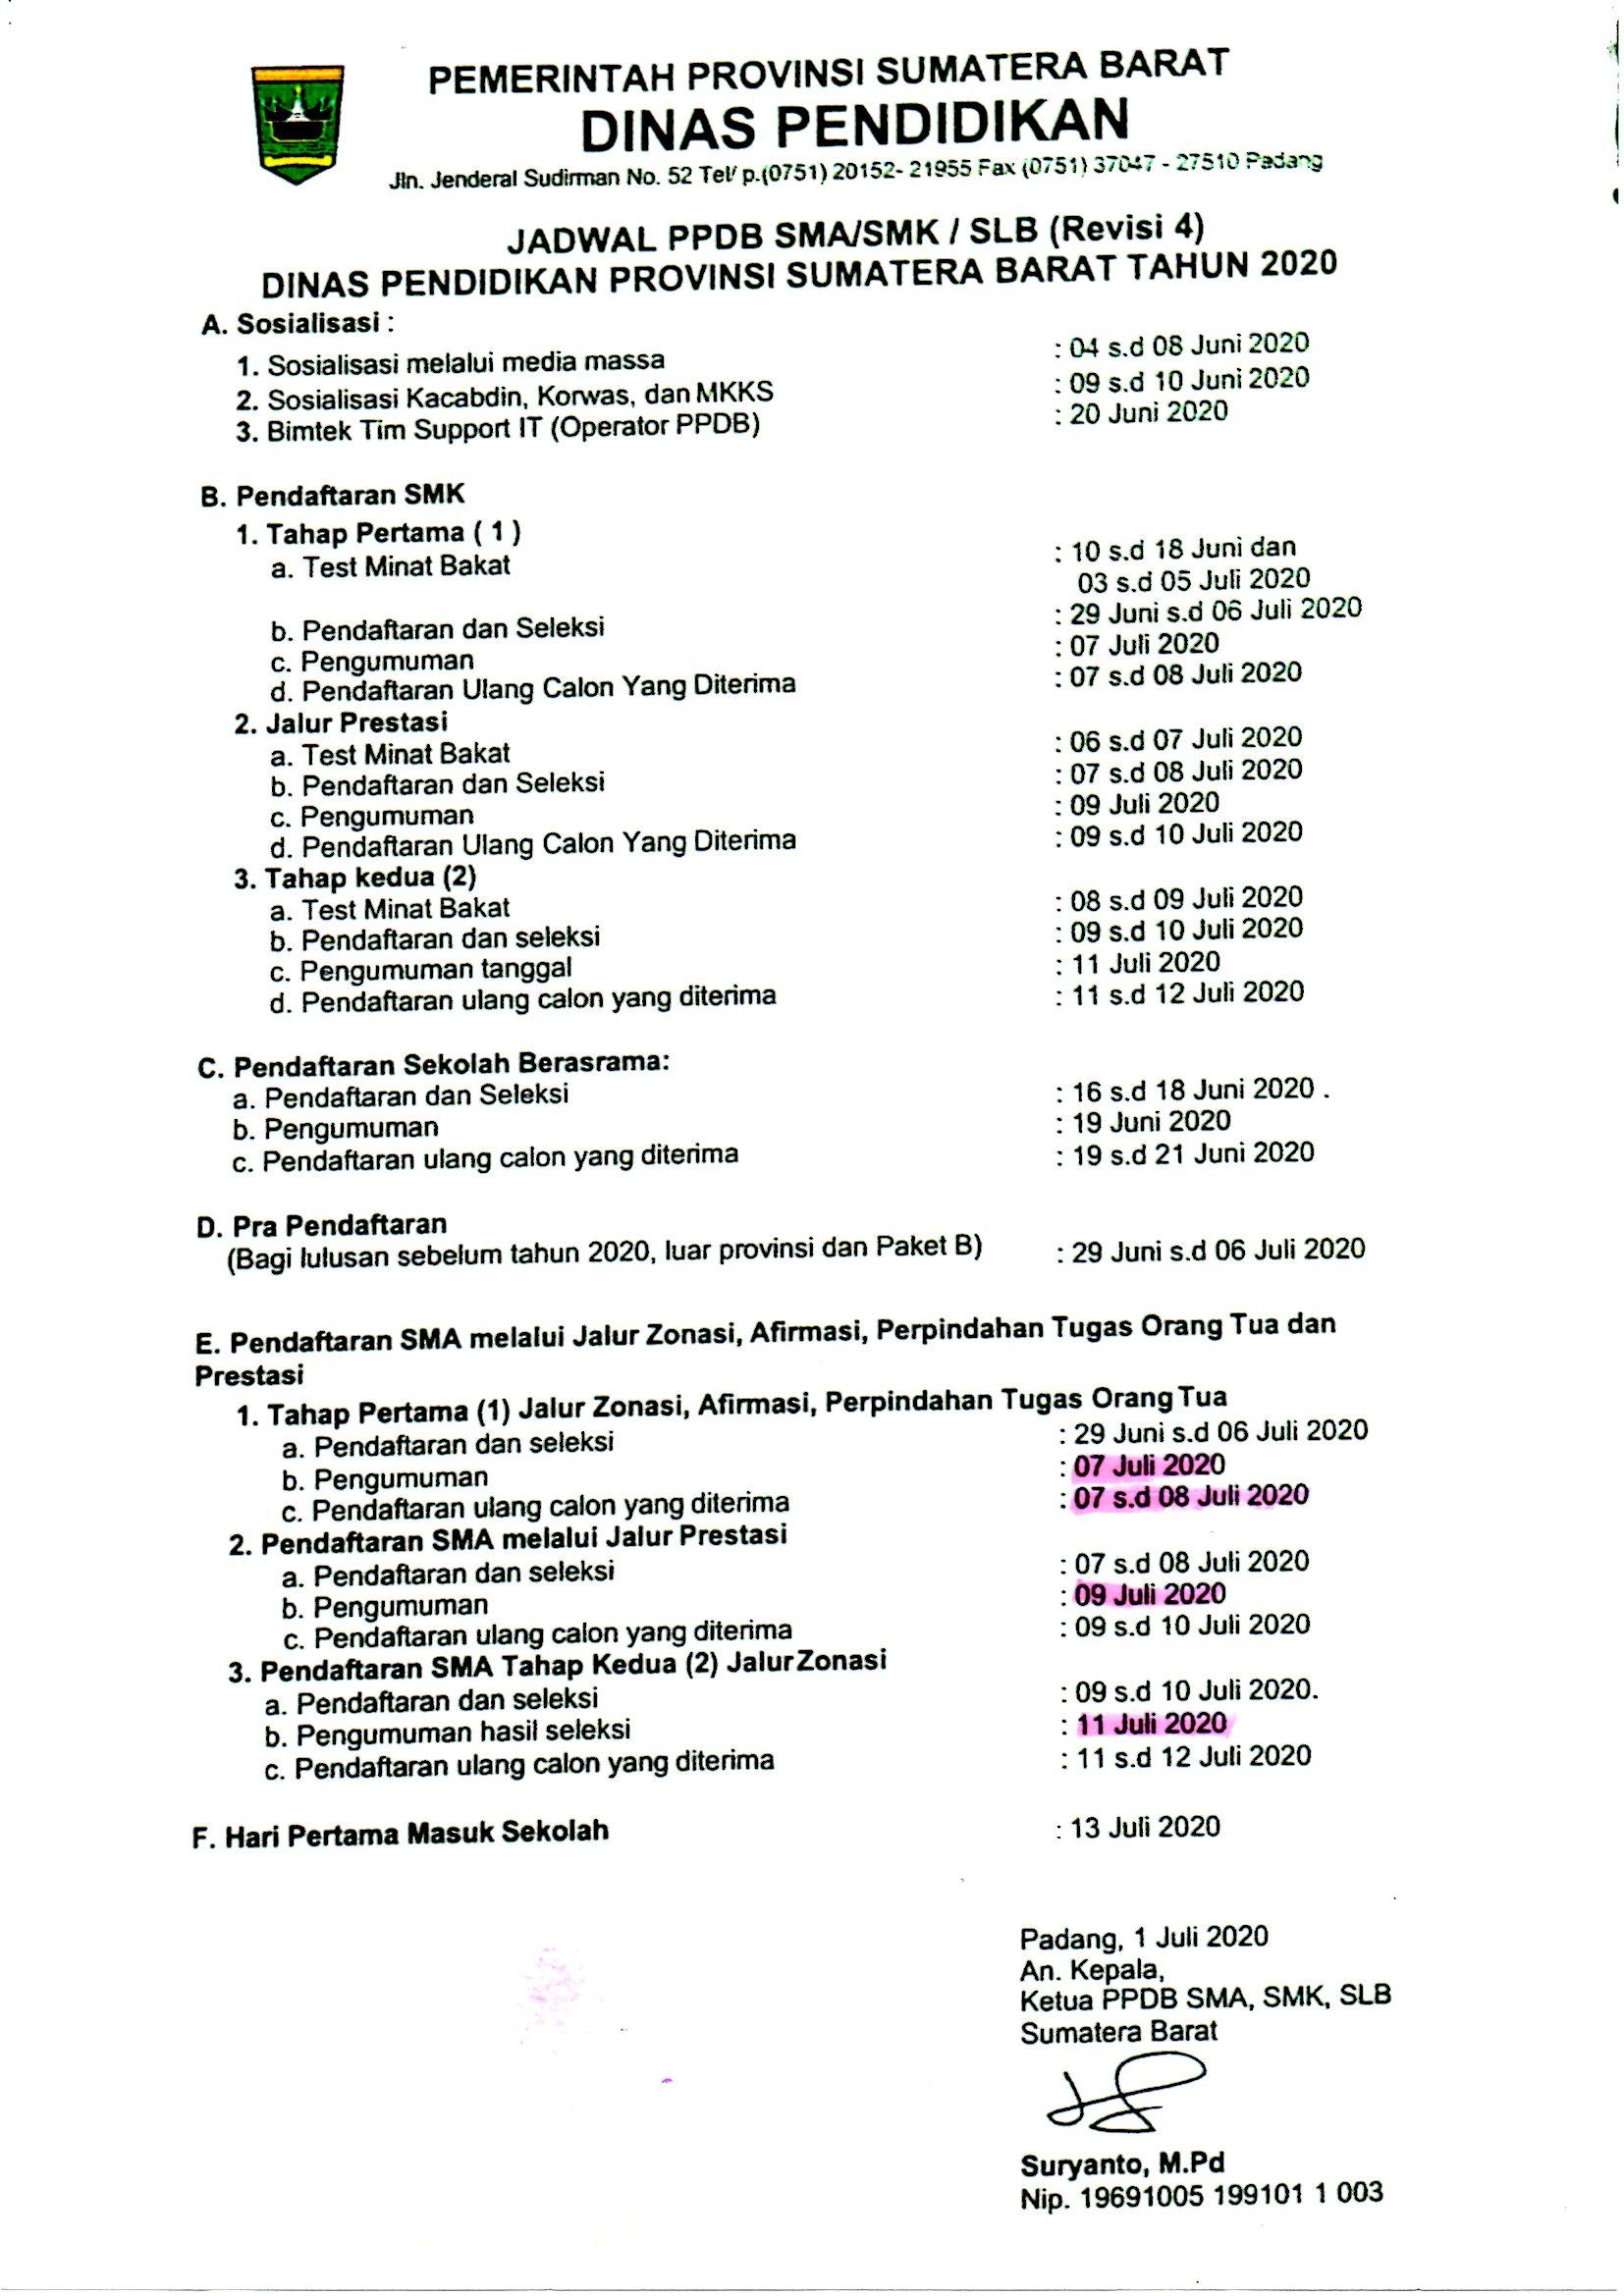 Pengumuman PPDB 2020/2021 sesuai dengan revisi Dinas Pendidikan Propinsi Sumatera Barat